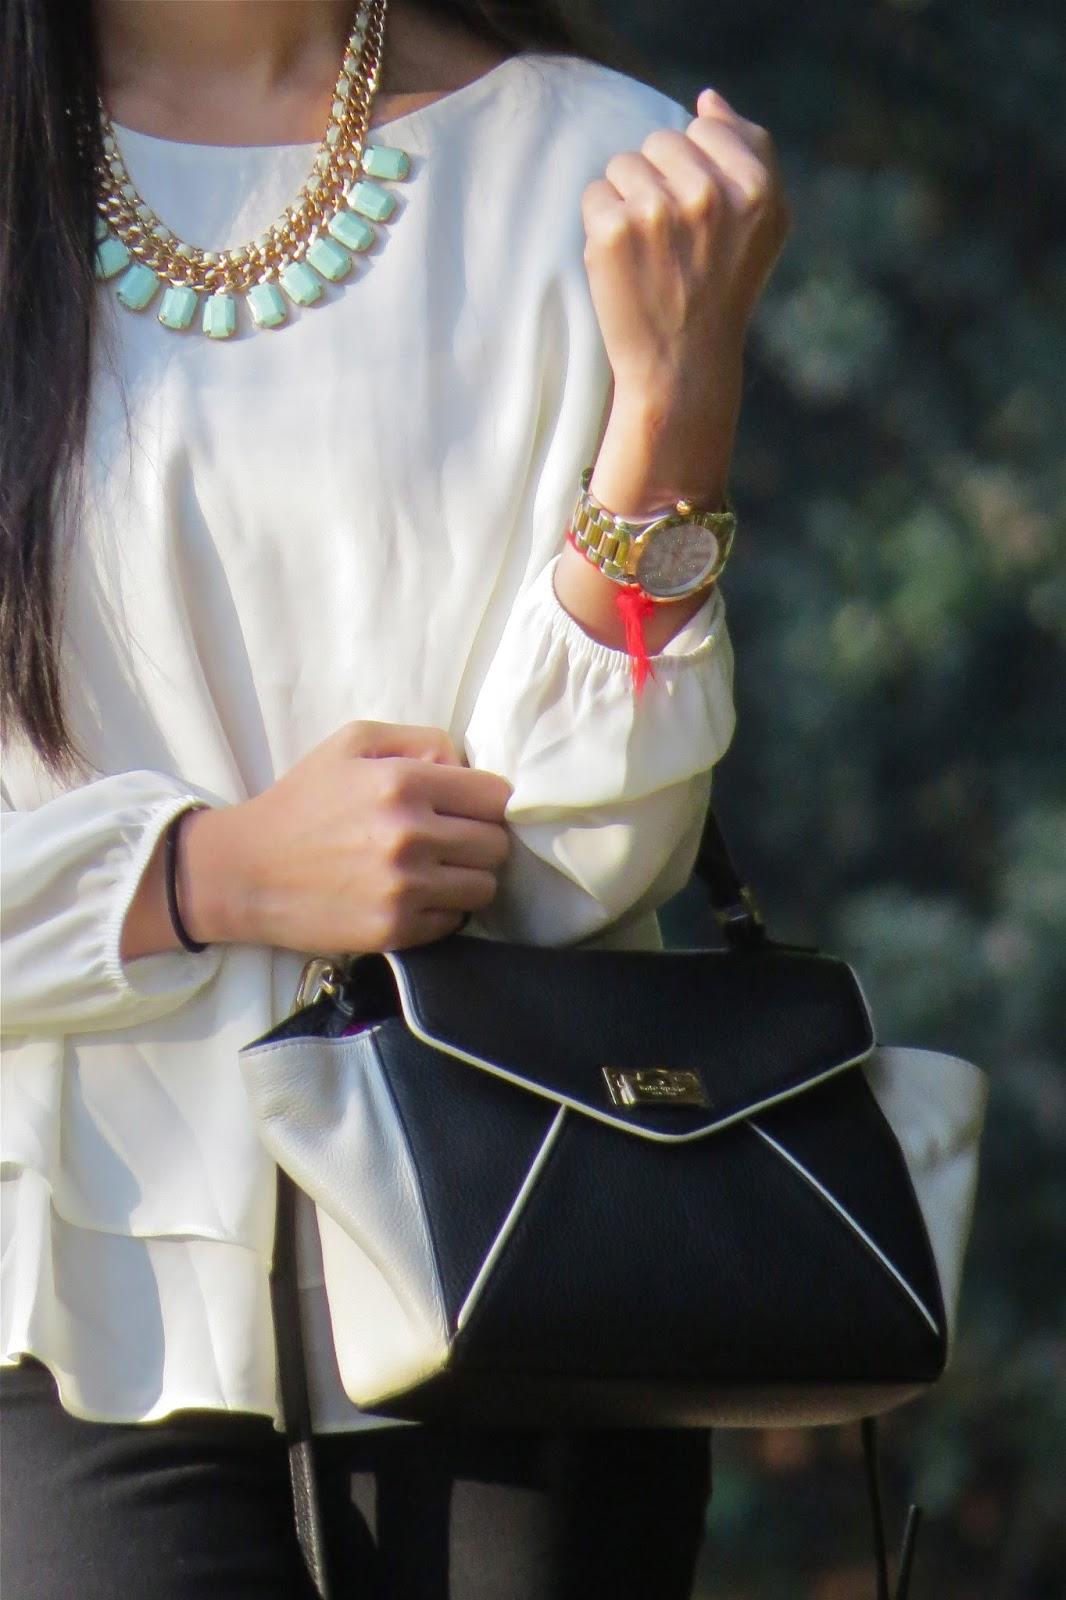 Mint_statement_necklace necklace